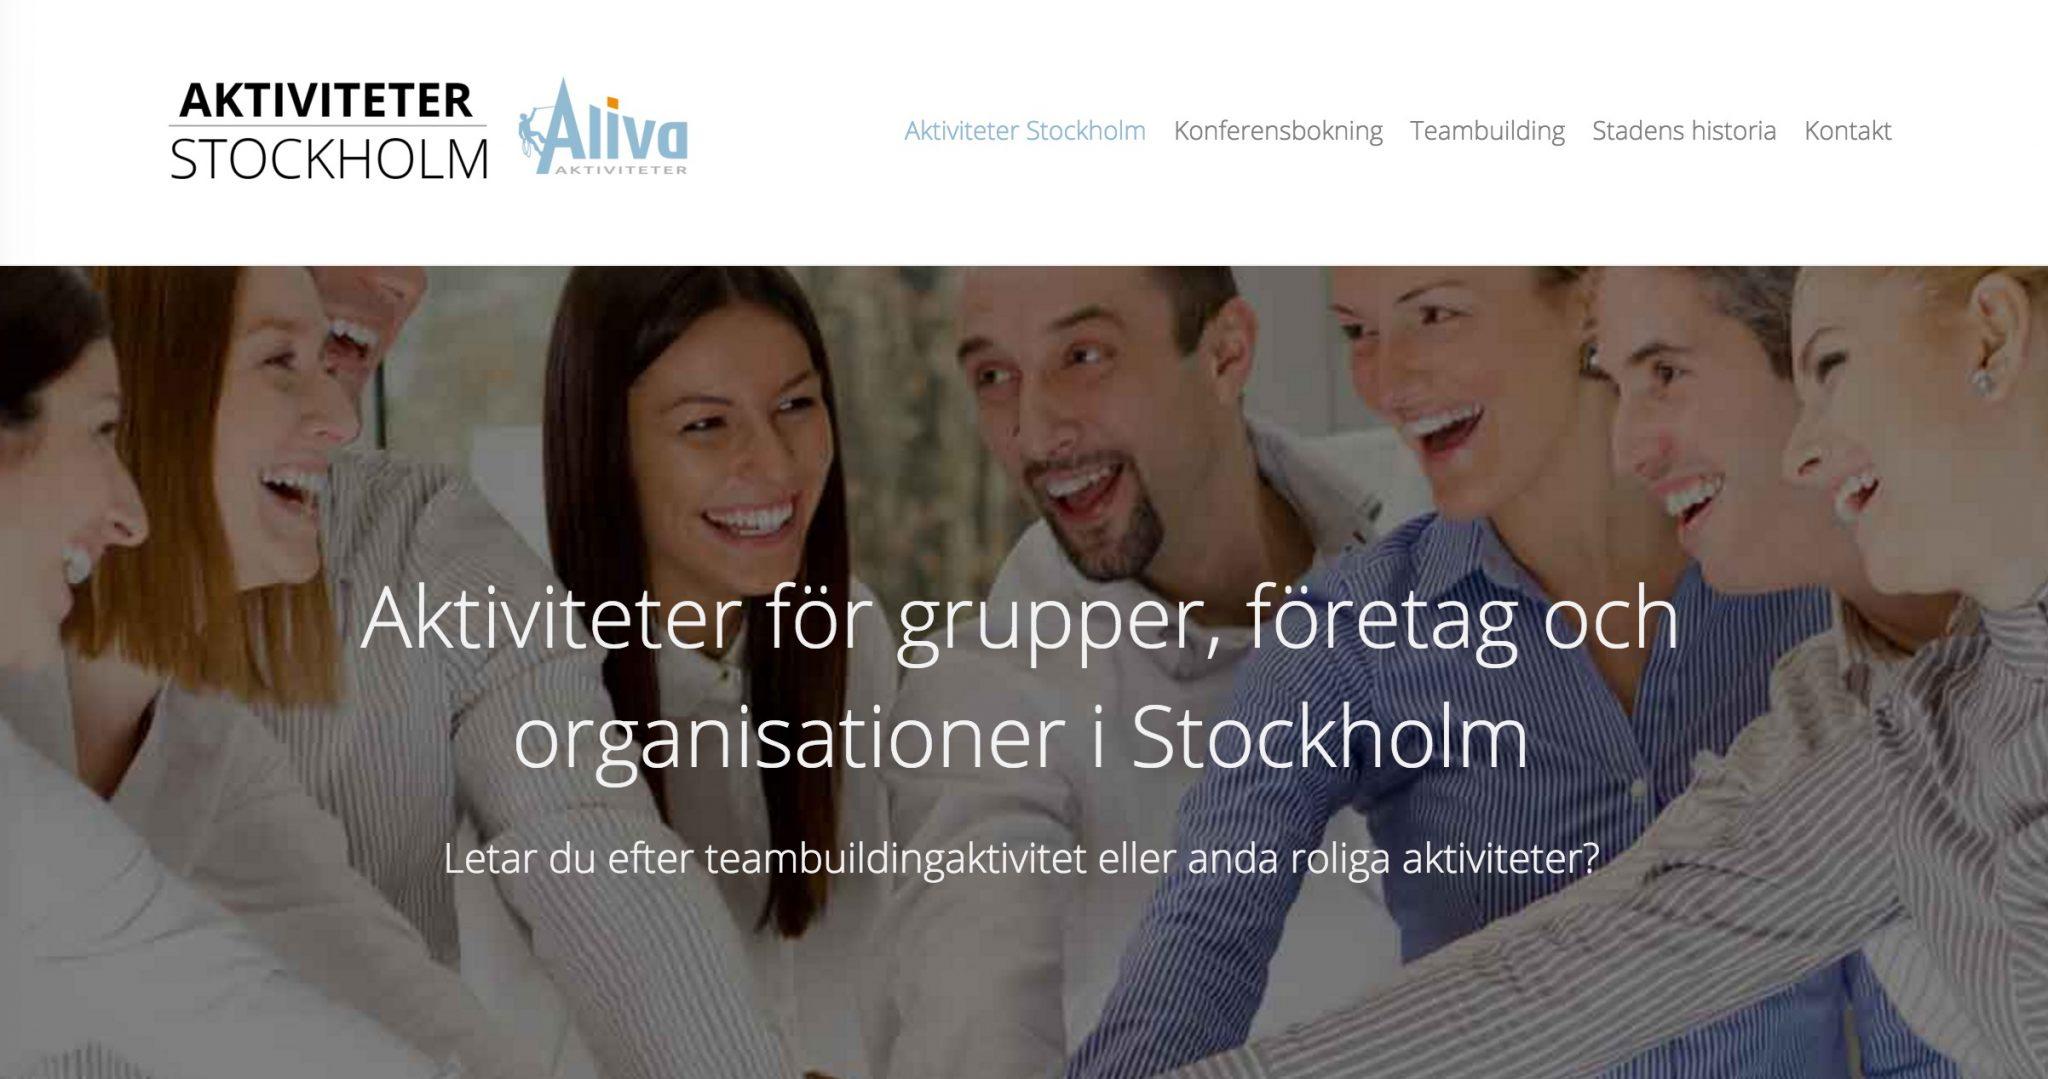 Aktiviteter i Stockholm för företag och grupper